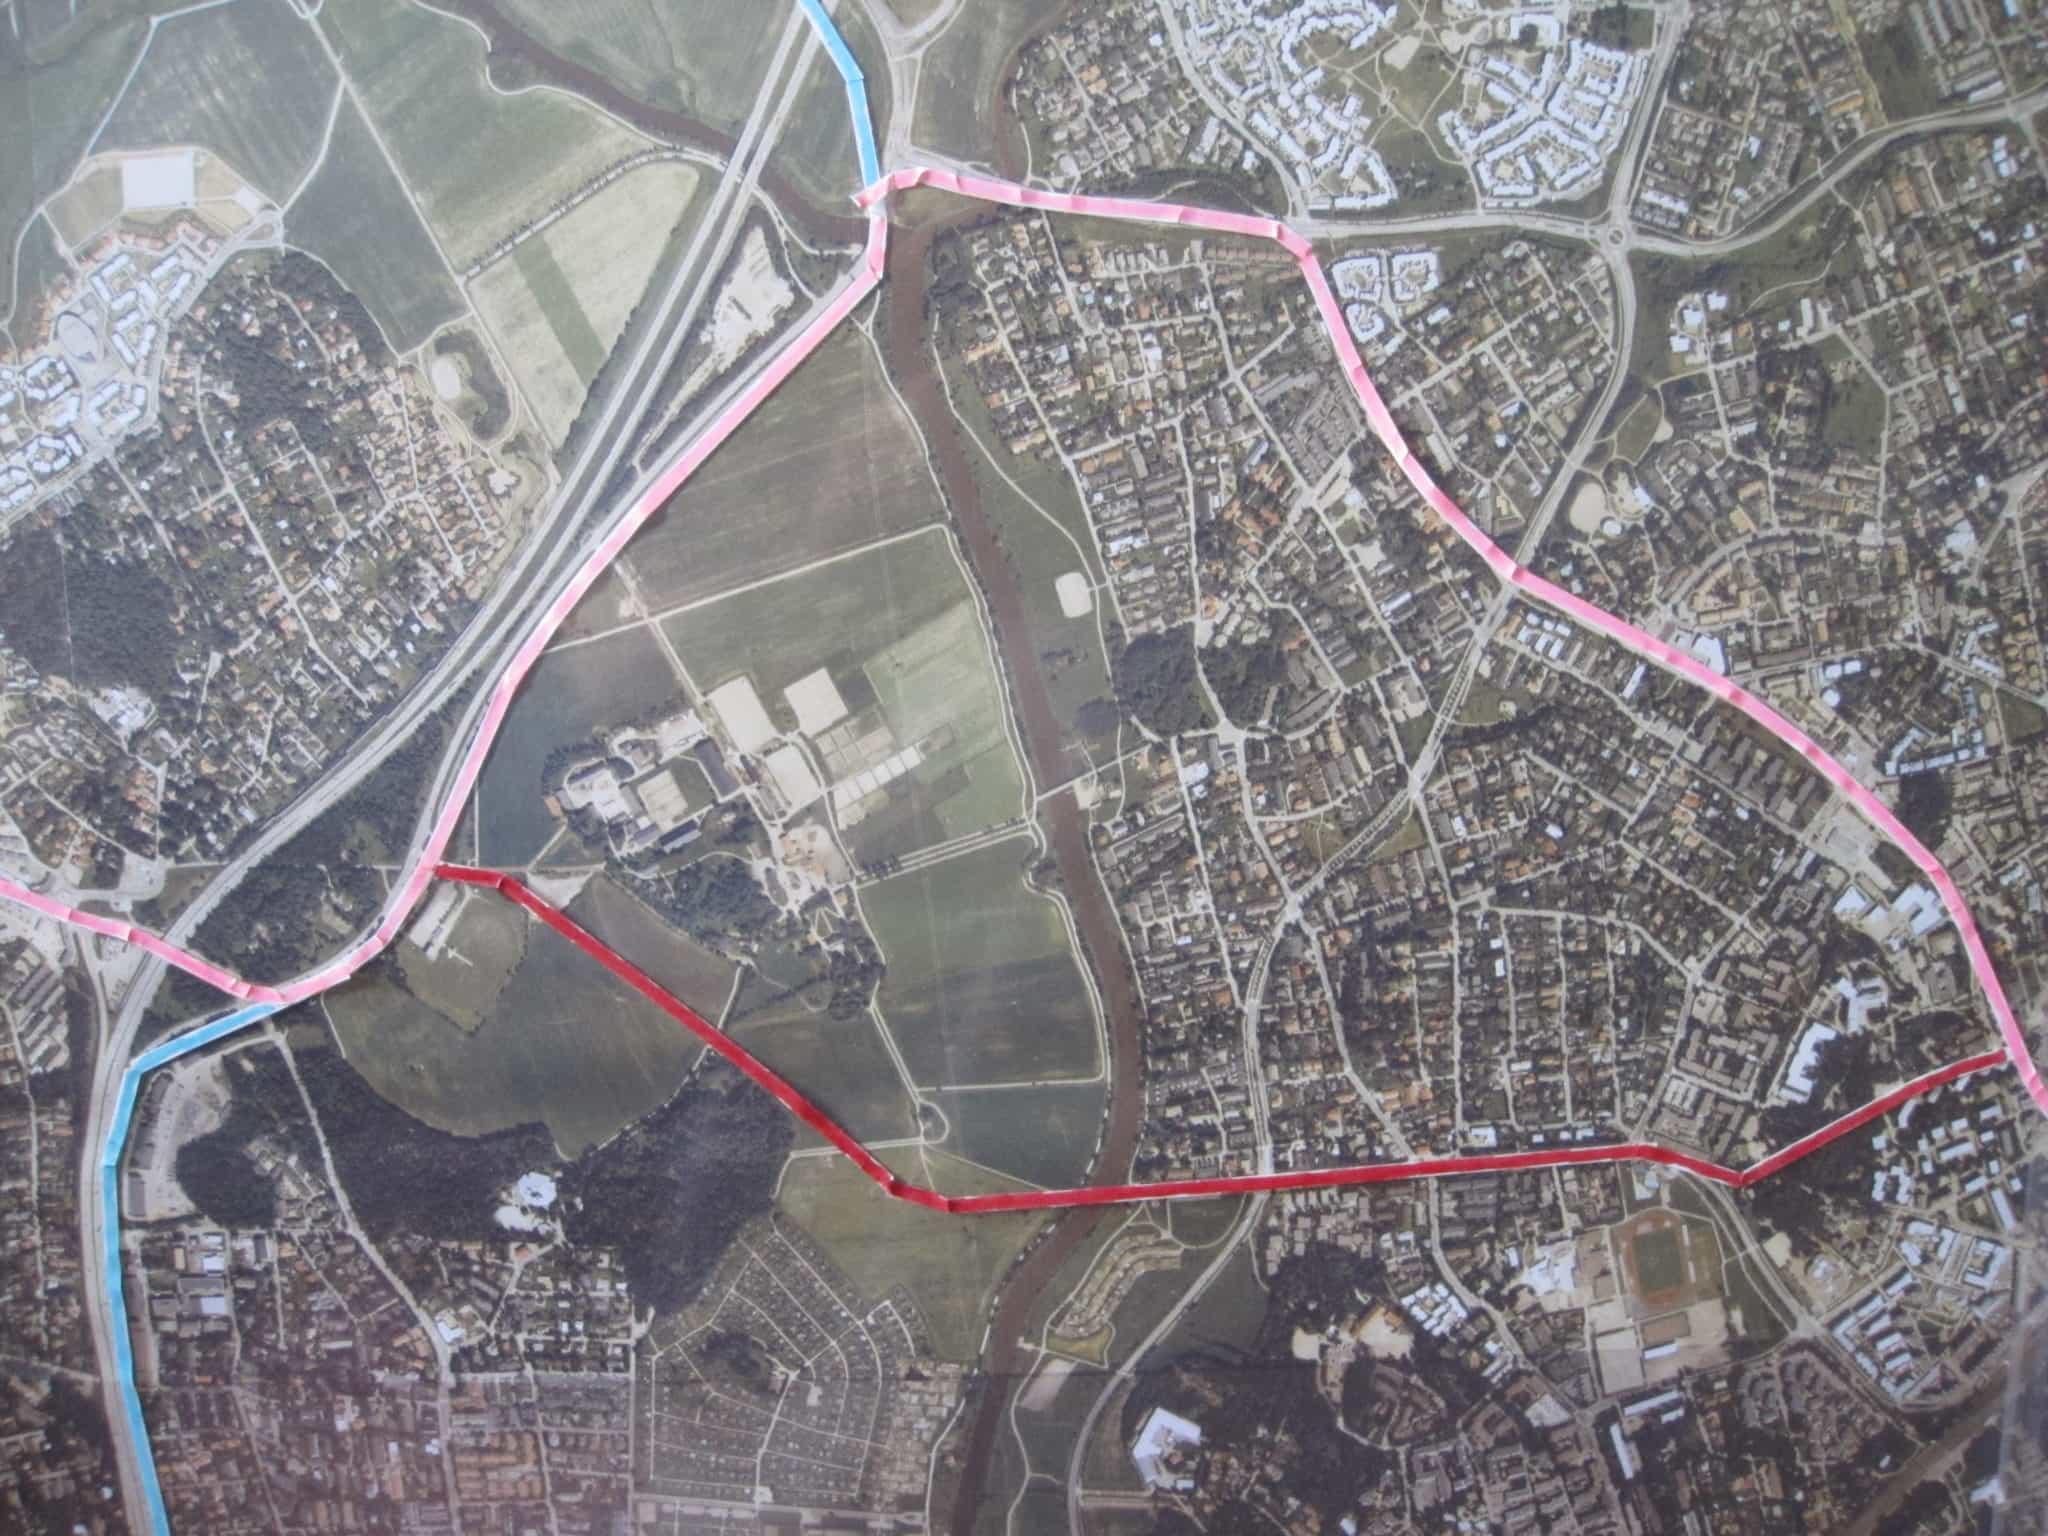 Jokeri 2 - yleiskaavan reitti punaisella ja Pro Tuomarinkylän reitti vaalean punaisella.